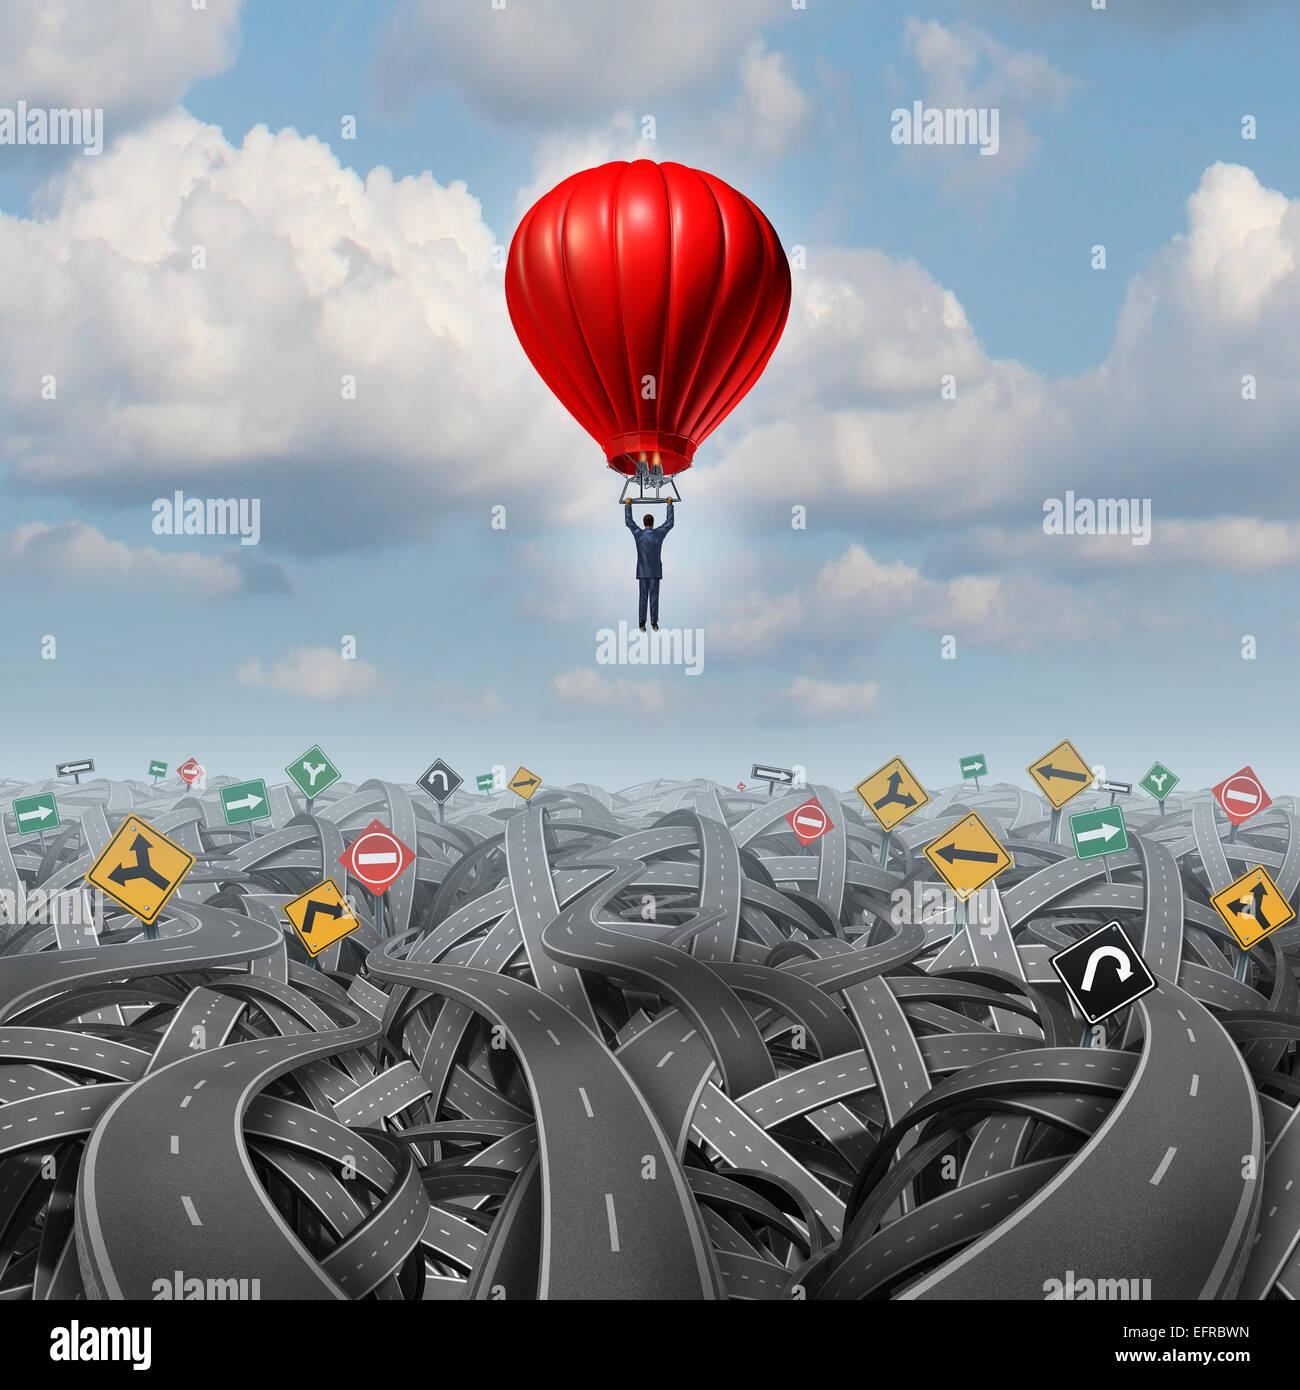 Camino fácil elevarse por encima de la confusión con el concepto de liderazgo de un empresario en un globo Imagen De Stock